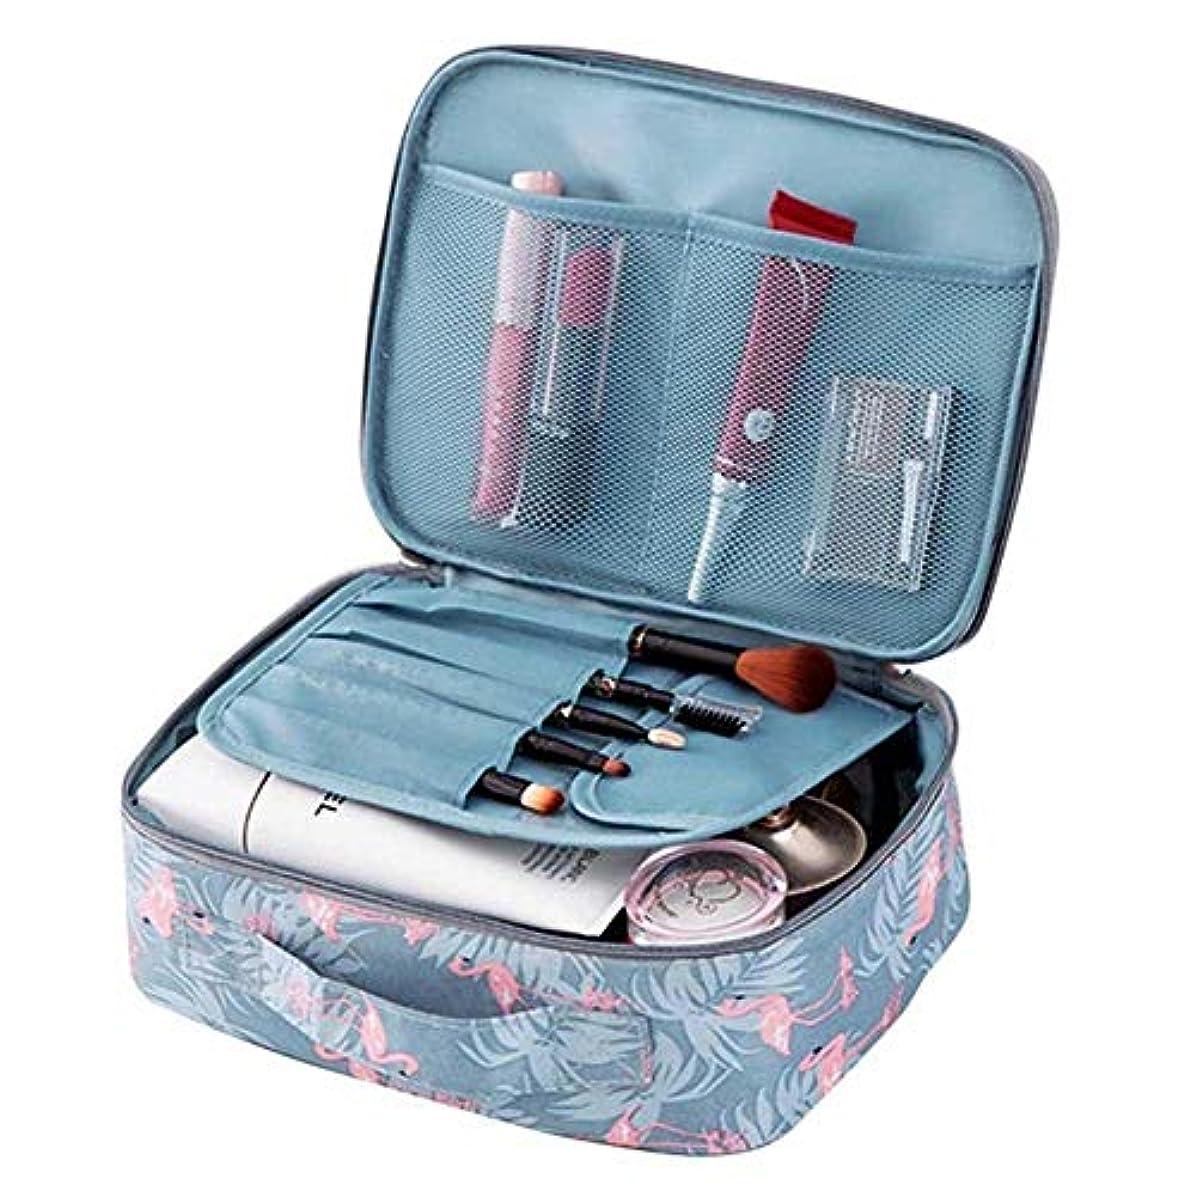 配置開示する主観的Pursue メイクボックス めいくぼっくす 化粧ボックス 便携式 プロ用 化粧ポーチ 高品質 收納抜群 大容量 化粧バッグ 置き方が調整できる 旅行 家用に大活躍な化粧箱